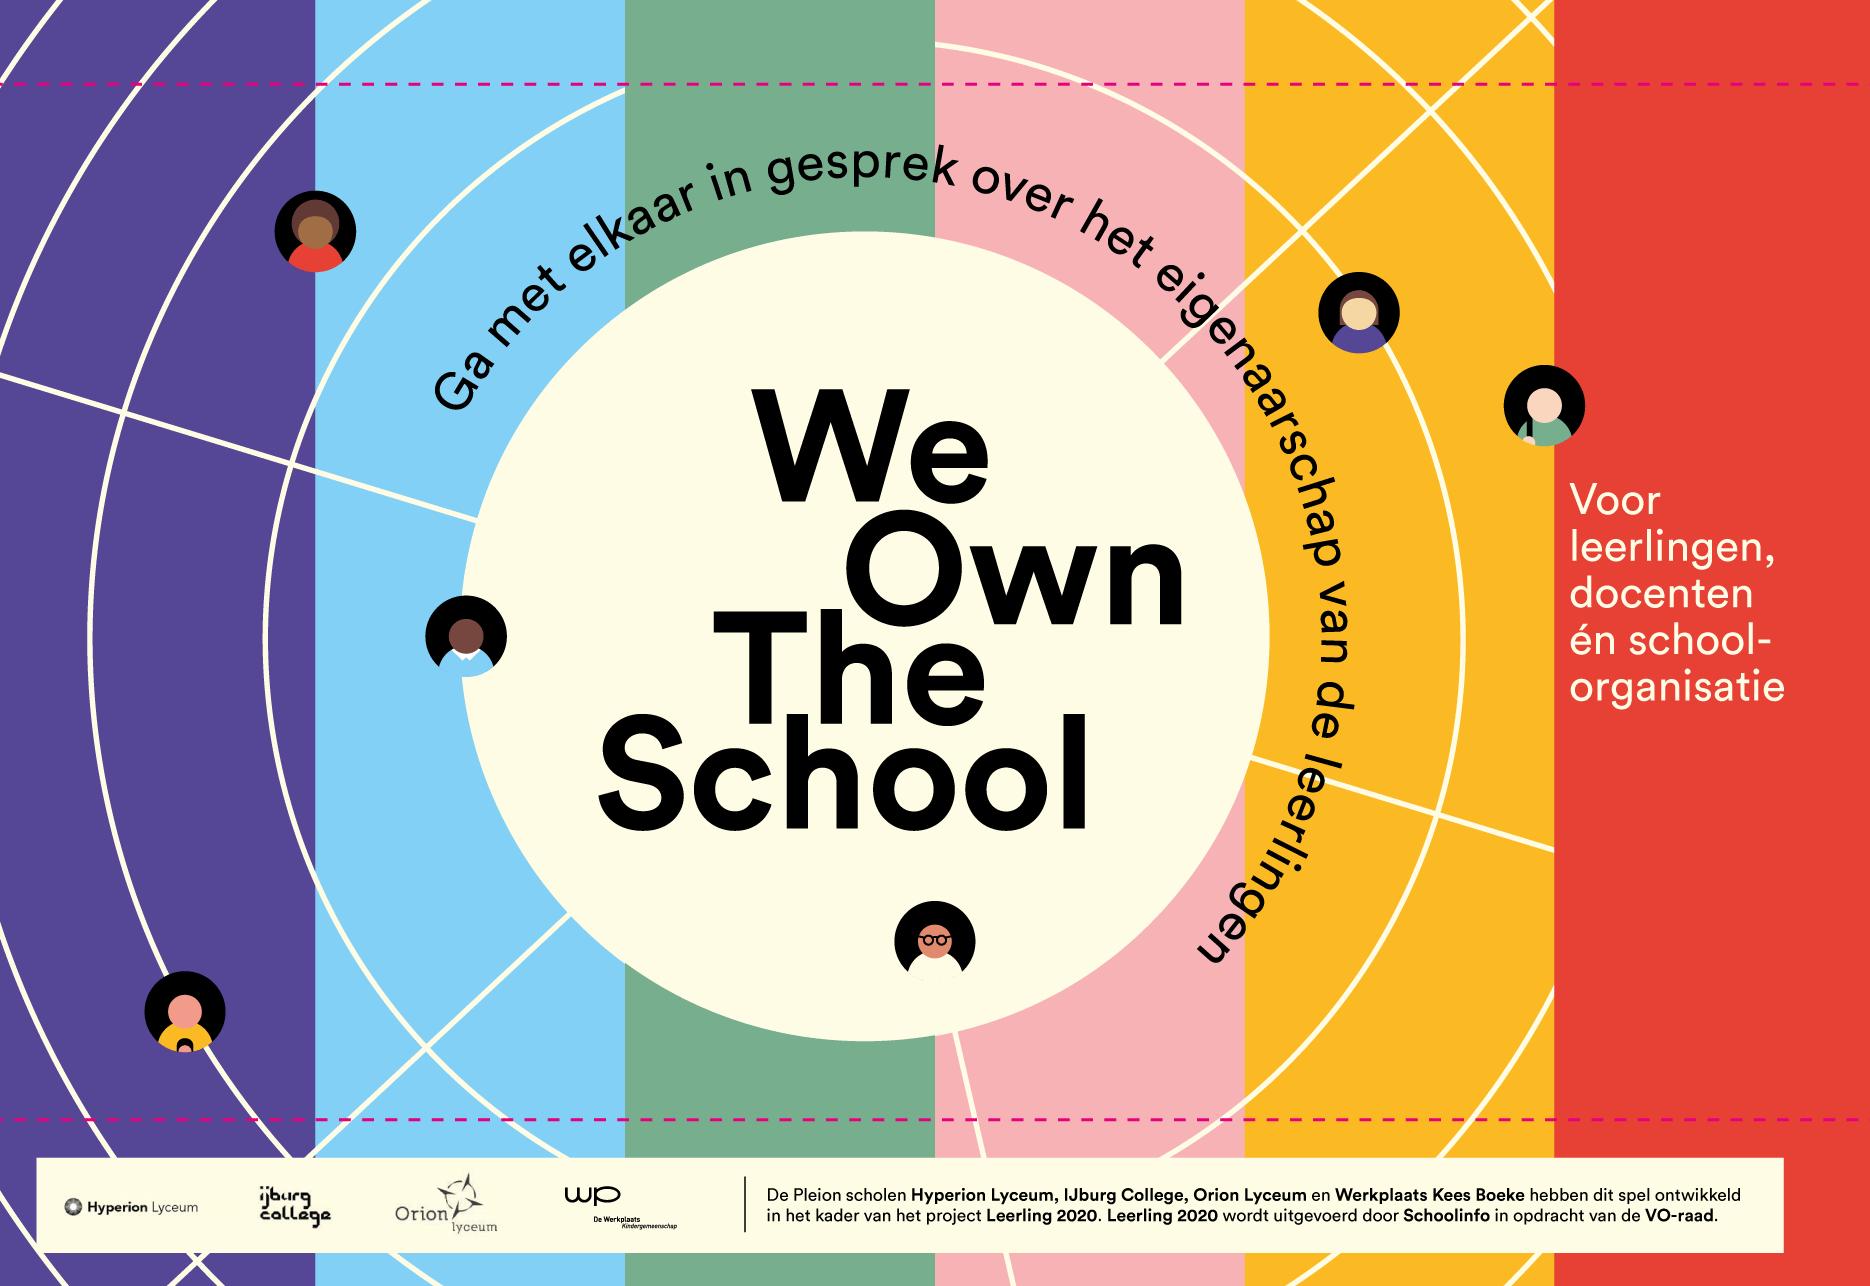 Ouders en leerlingen gevraagd